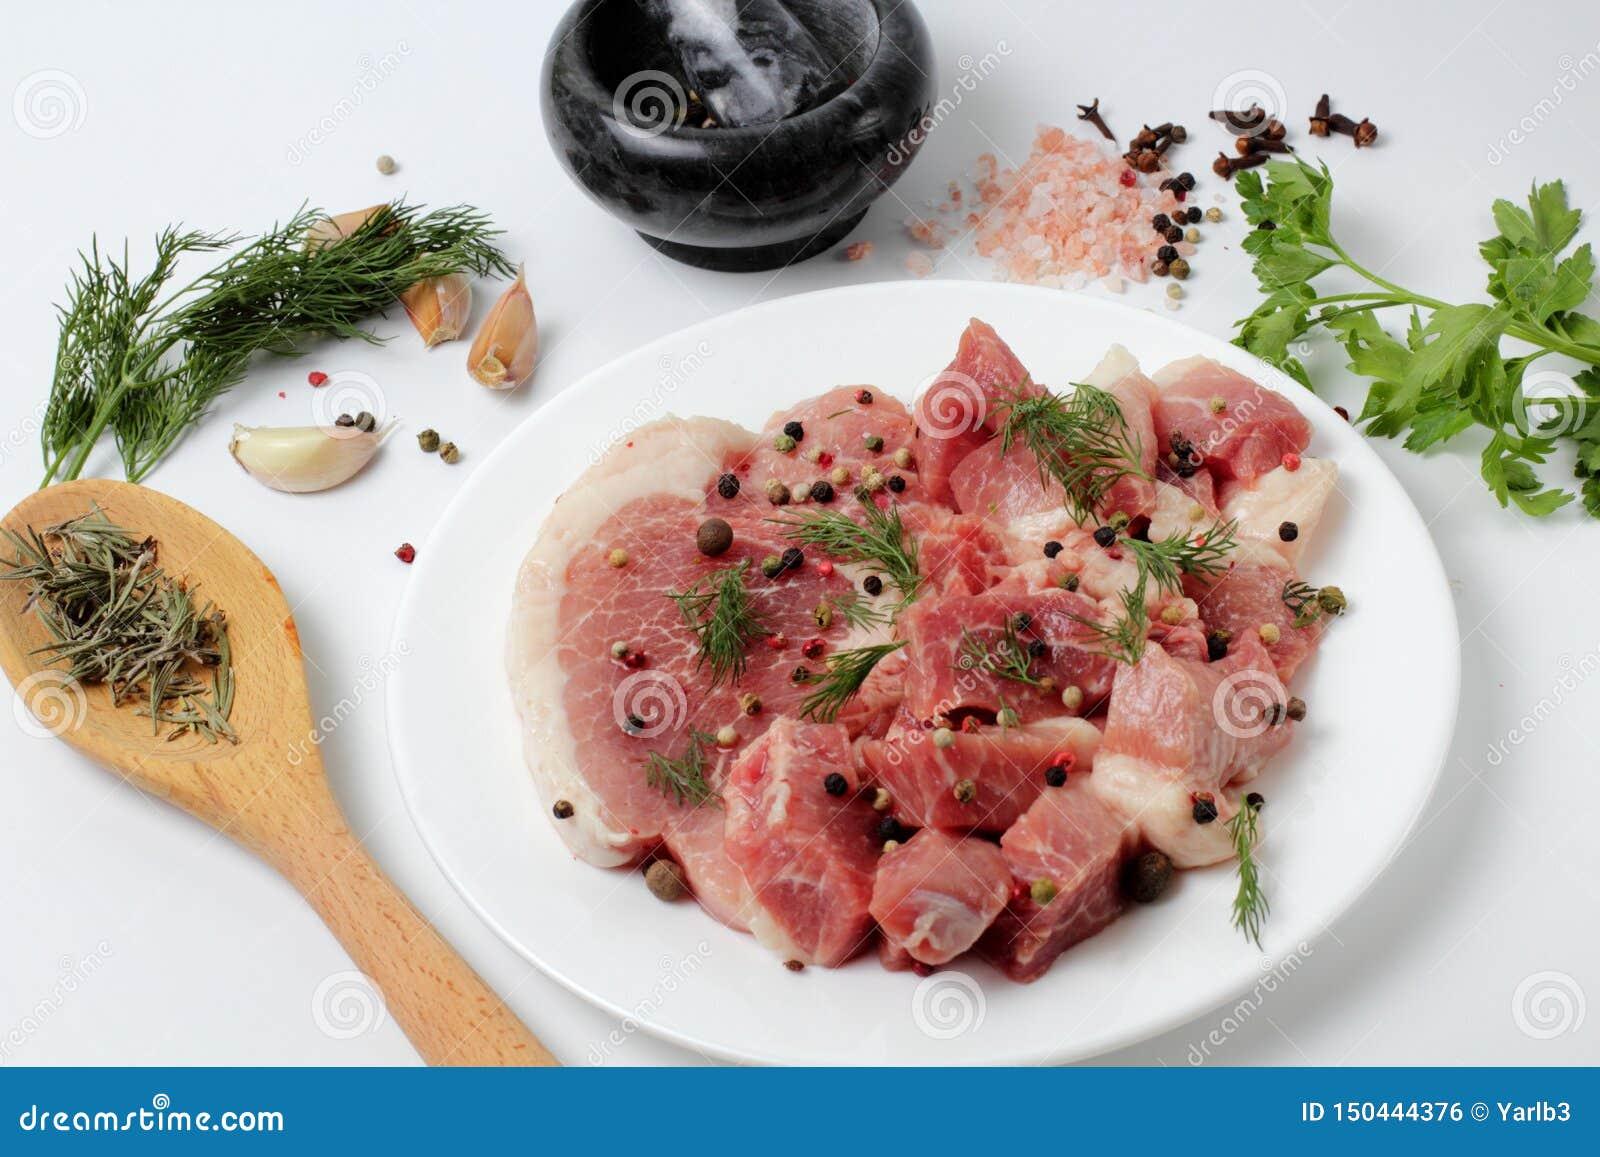 Nytt griskött på en stor platta, kryddor, kryddiga örter